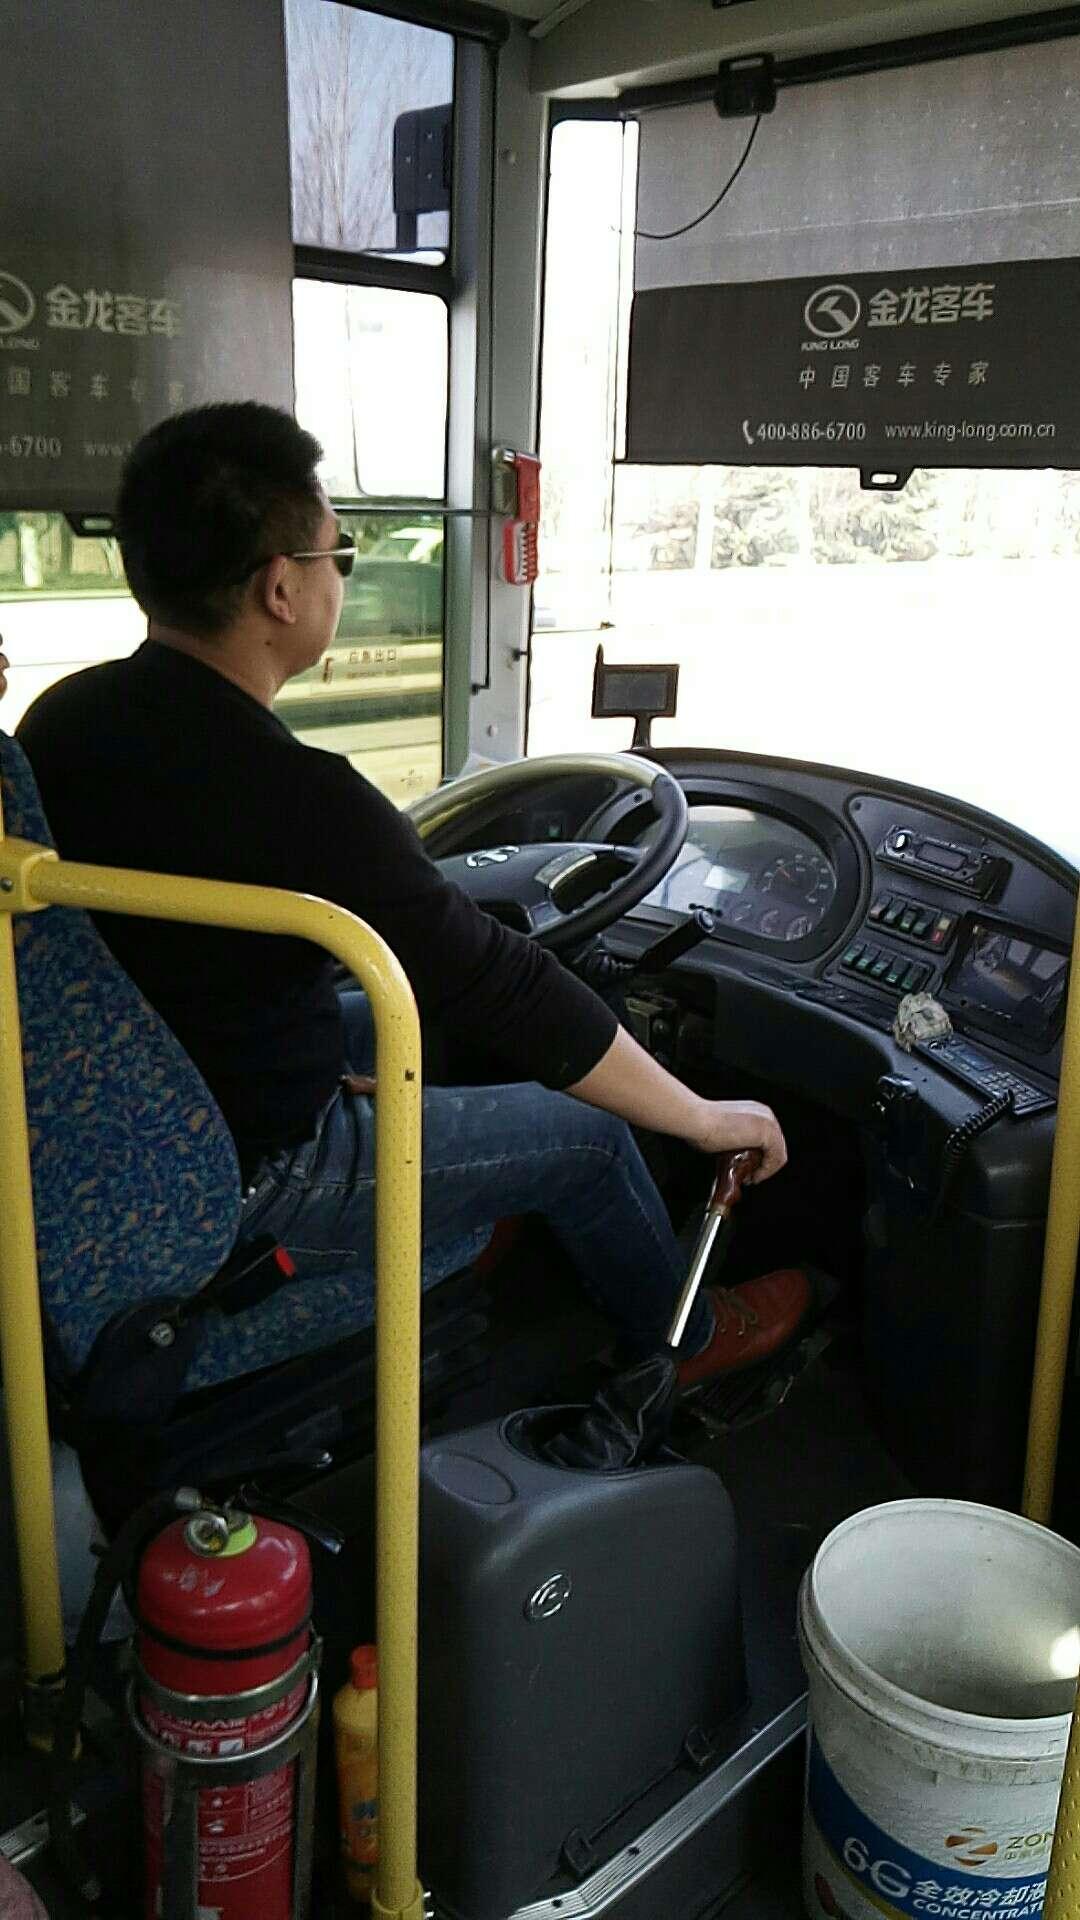 这名司机名字叫赵二,2017年2月18我从沛县二中站台坐车去大屯,拦的九路公交车,我带着一个一岁多的孩子推了一辆宝宝车,上了车司机对我吼:人可以上来,车不能上,赶紧下去,态度非常恶劣,我说车不能上,那我把宝宝车放哪去,也不能放大路上吧,他说那你等下一班吧。我说我带个孩子已经等车等了很久了,让我上下班车为什么这班车不能上,最后让我加五元钱才能上,我带个孩子也不想跟他理论,我投了五元。